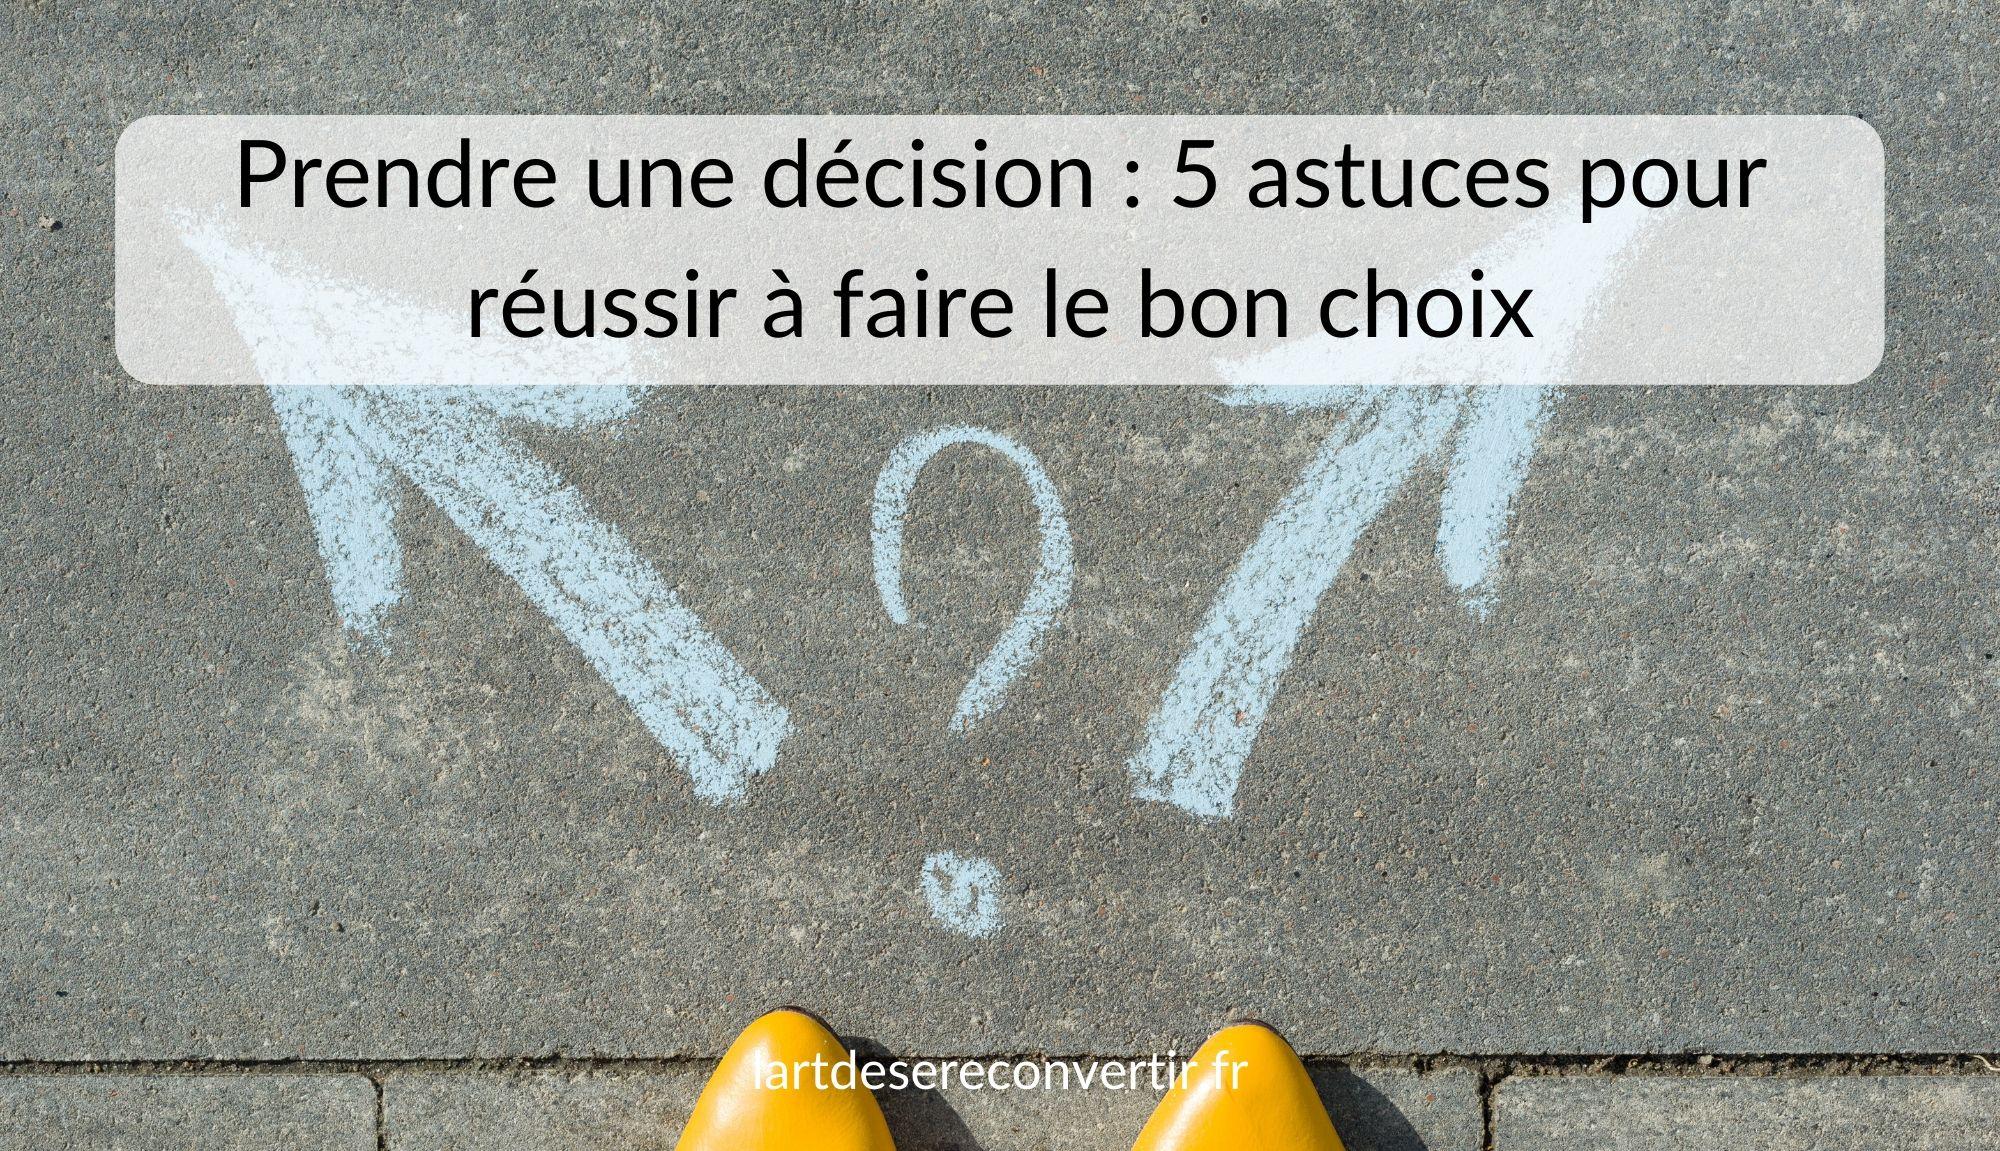 Prendre une décision _ 5 astuces pour réussir à faire le bon choix